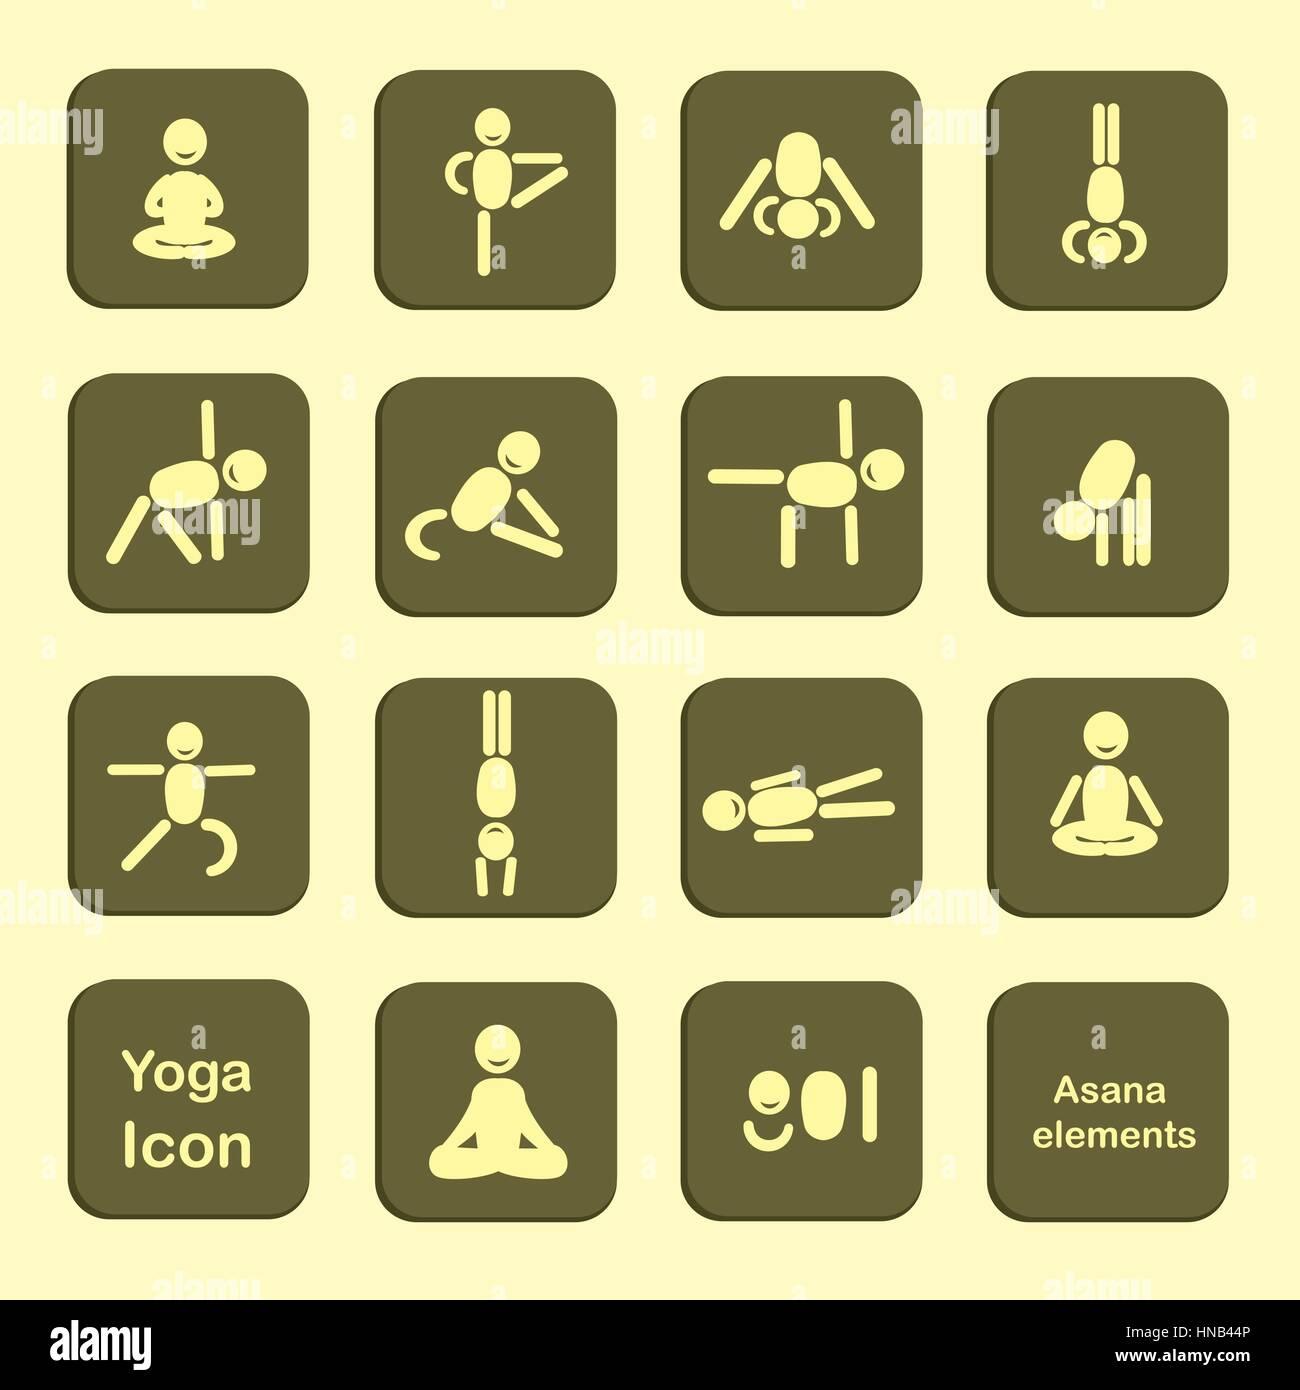 Ilustración del Vector. Ampliar. Conjunto de iconos. Plantea las asanas de  yoga. Vector. cee6b1bfd2f2